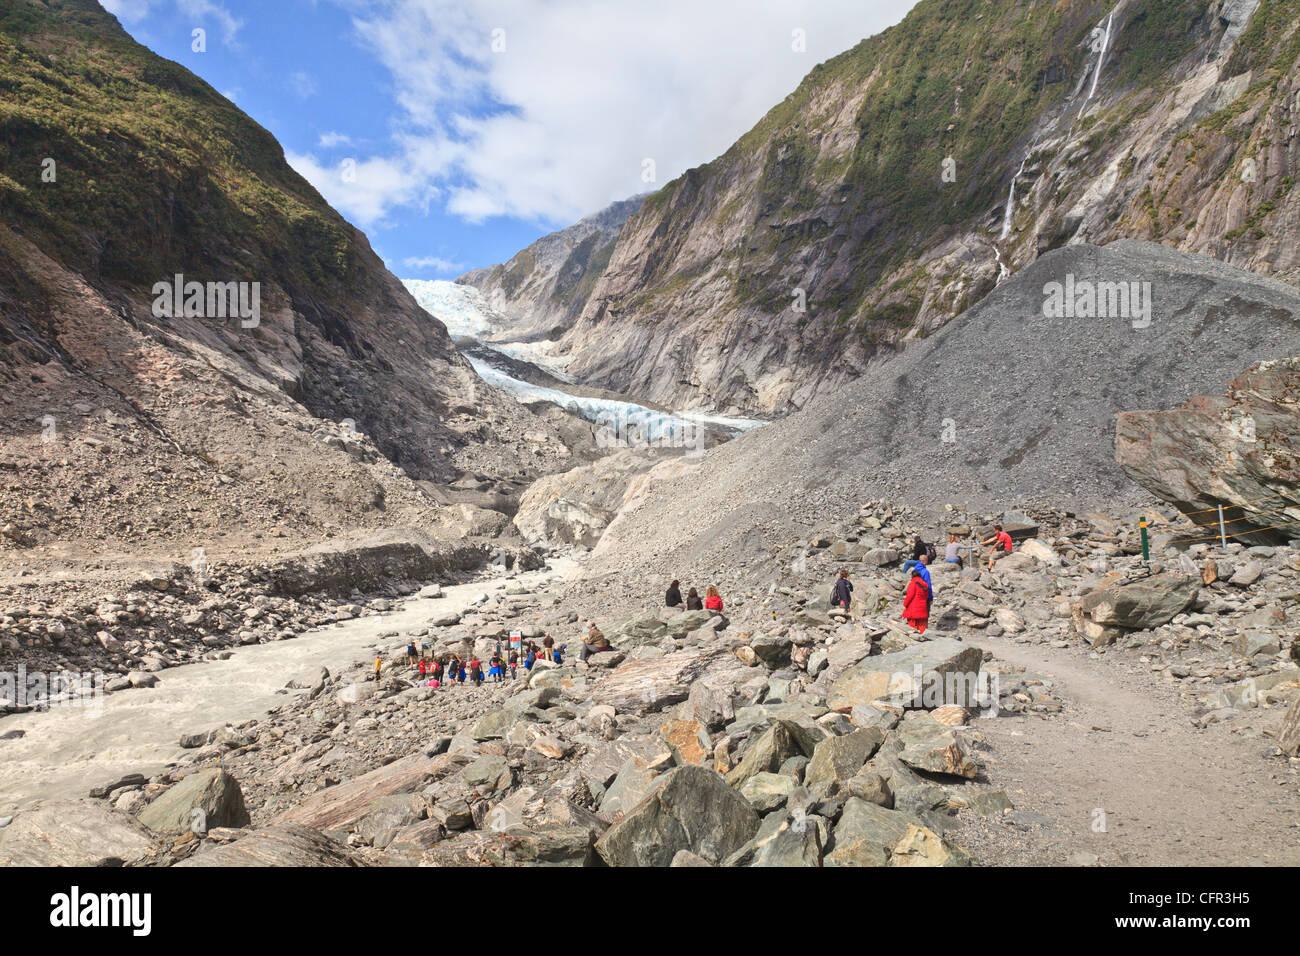 Los turistas, cerca de la terminal del glaciar Franz Josef, Costa oeste, Nueva Zelanda Imagen De Stock